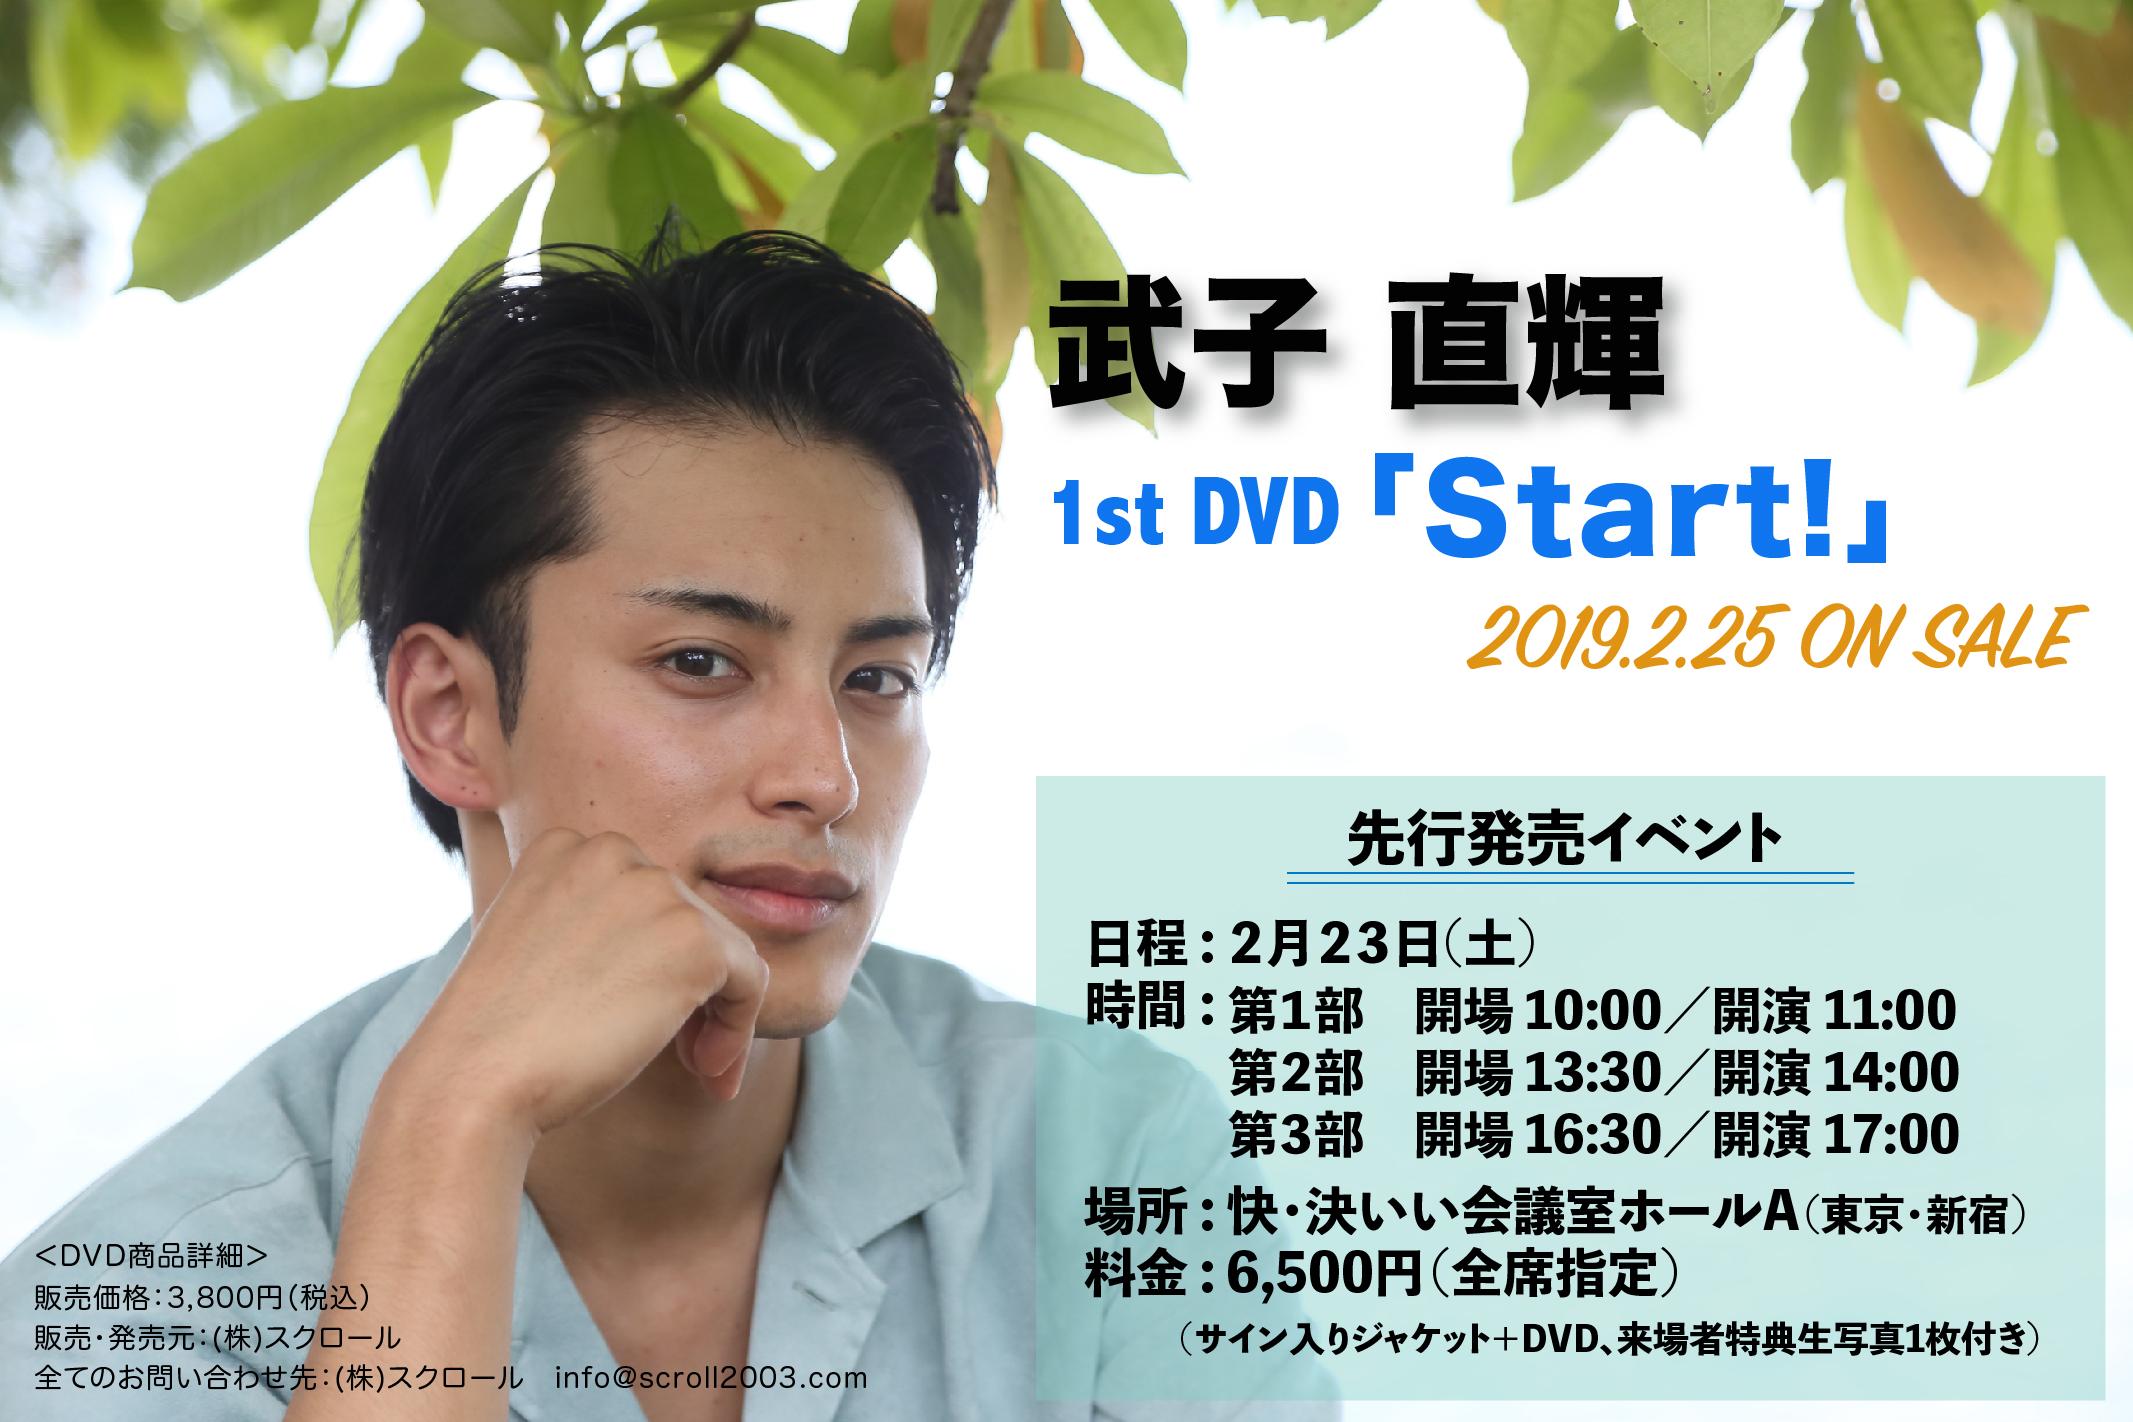 武子直輝さん1st DVD「Start!」発売決定!&イベント詳細発表